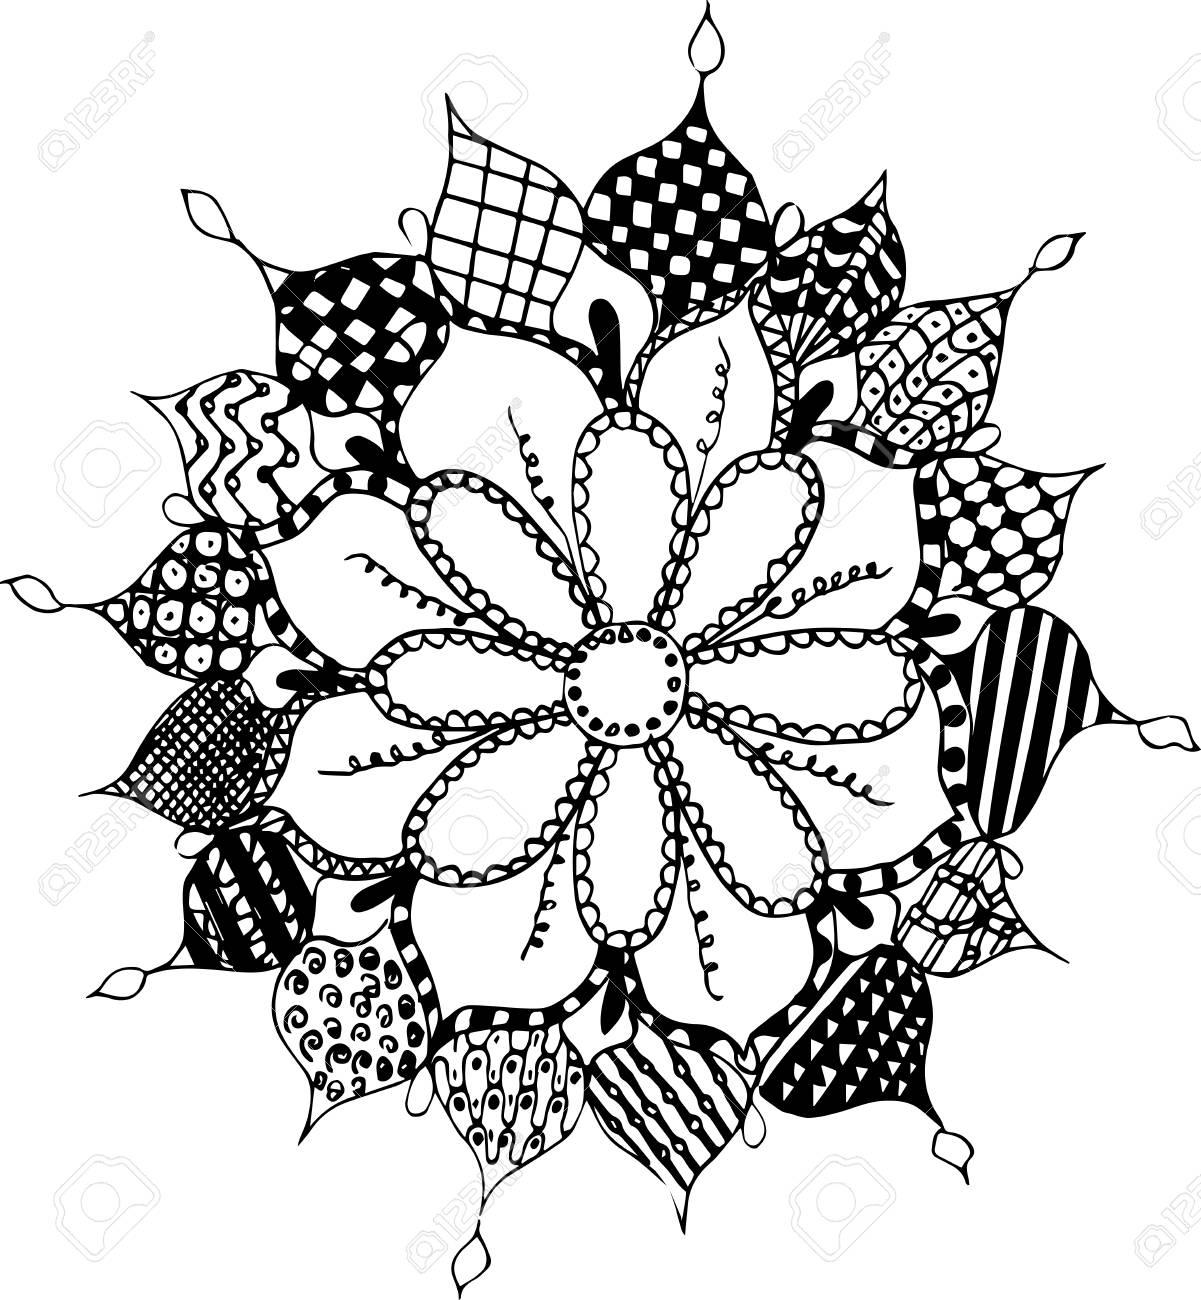 Zentangle Fleur Modele A Main Levee Vecteur Illustration Imprimer Pour Les Livres A Colorier Clip Art Libres De Droits Vecteurs Et Illustration Image 76670447